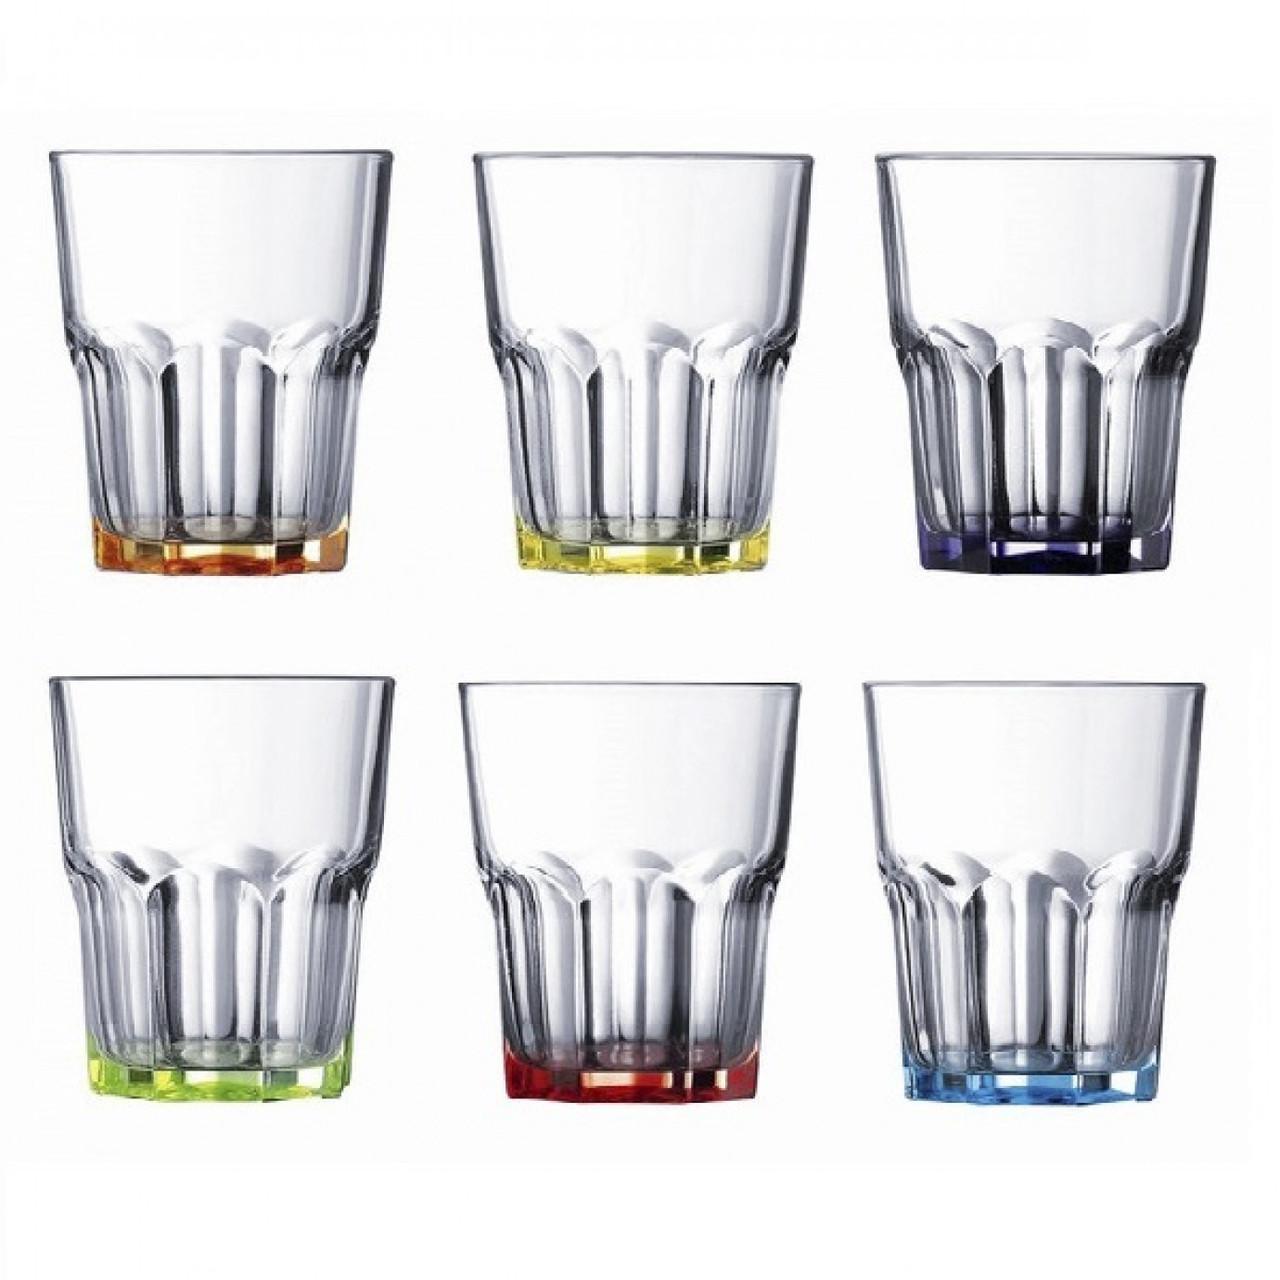 """Набір склянок скло """"Luminarc. Брайт Колорс Нова Америка"""" (6шт) 270мл 17782 / 8933"""